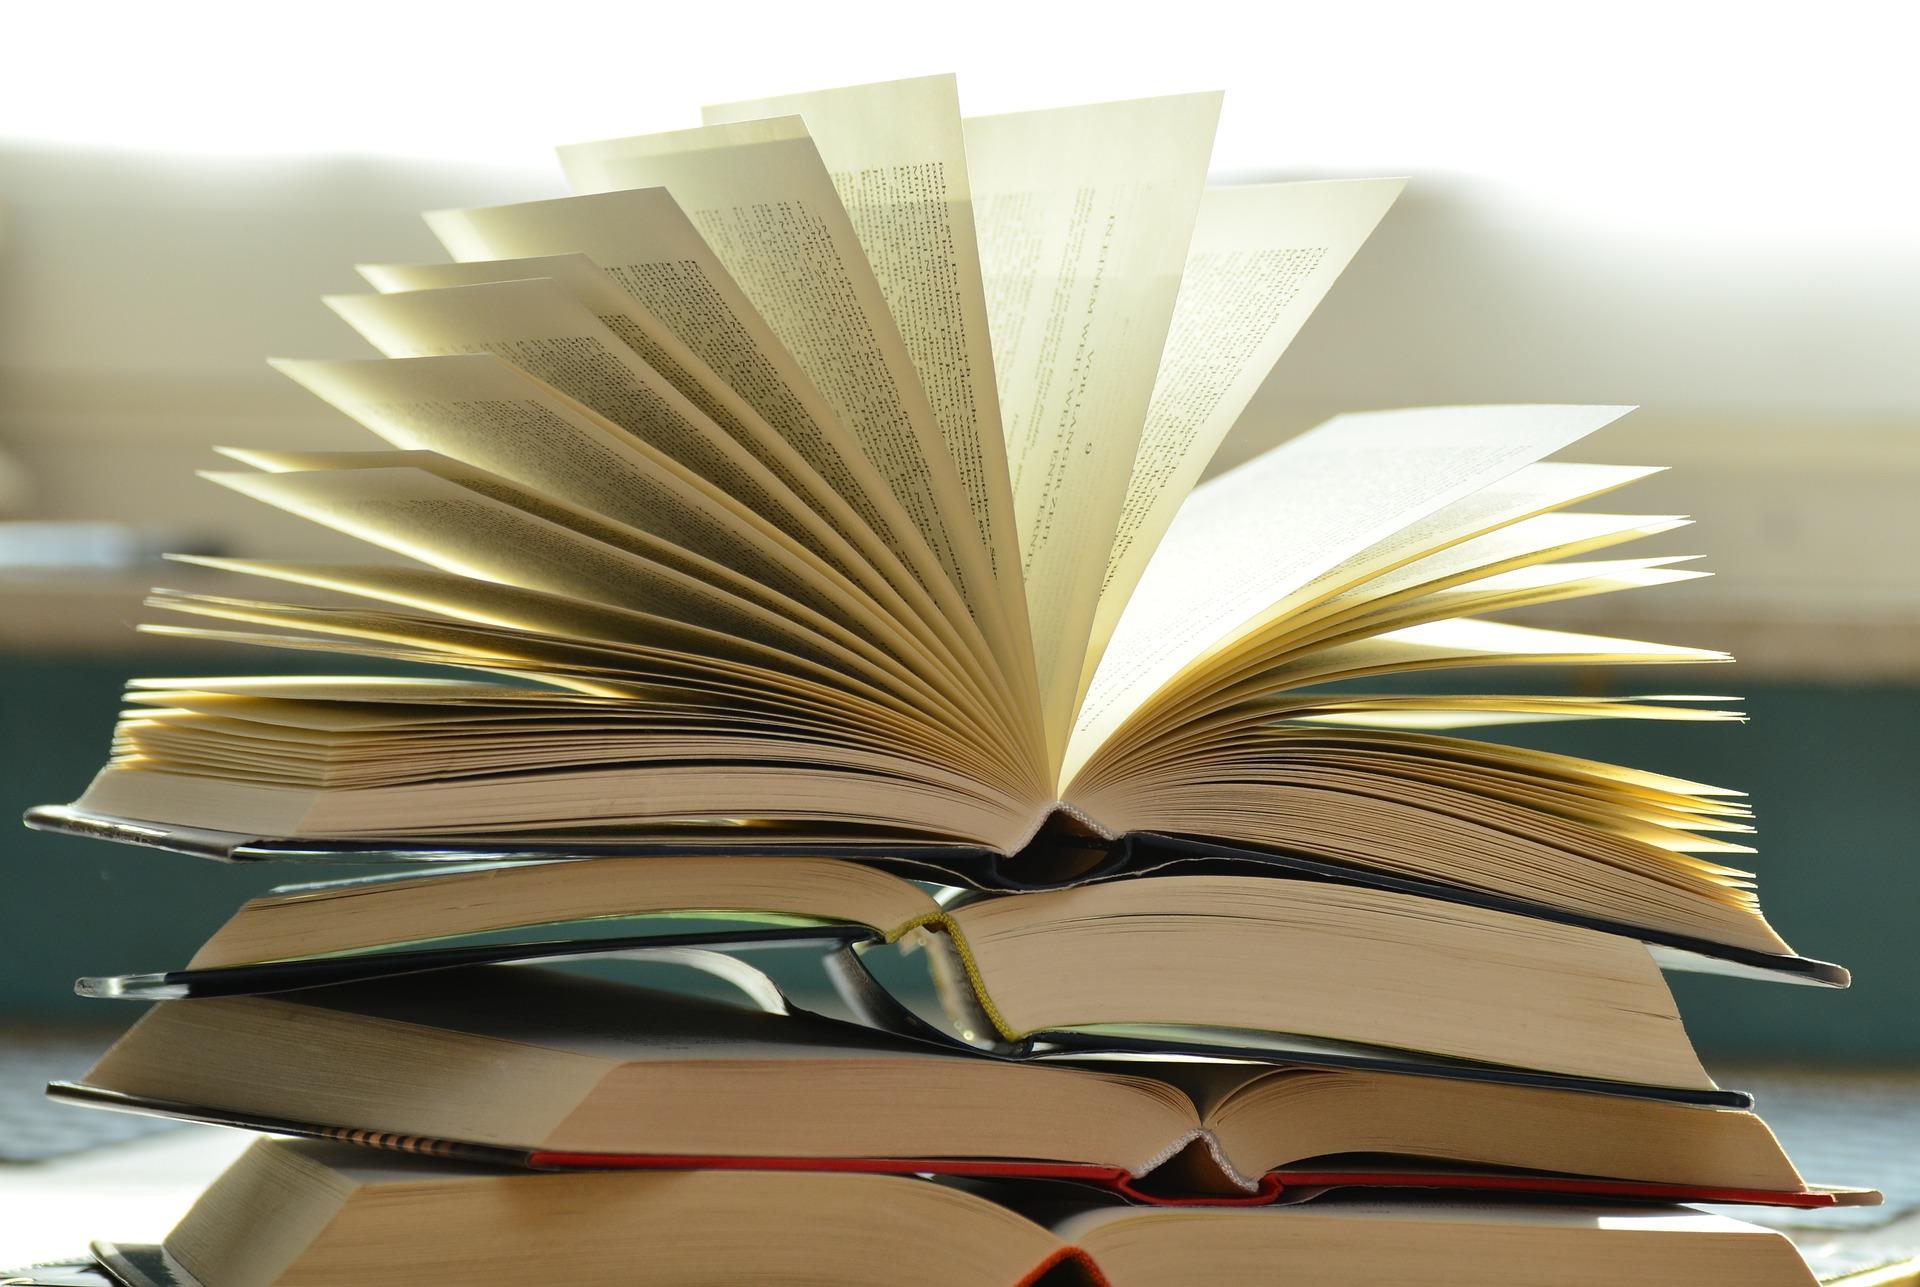 books-1082942_1920.jpg